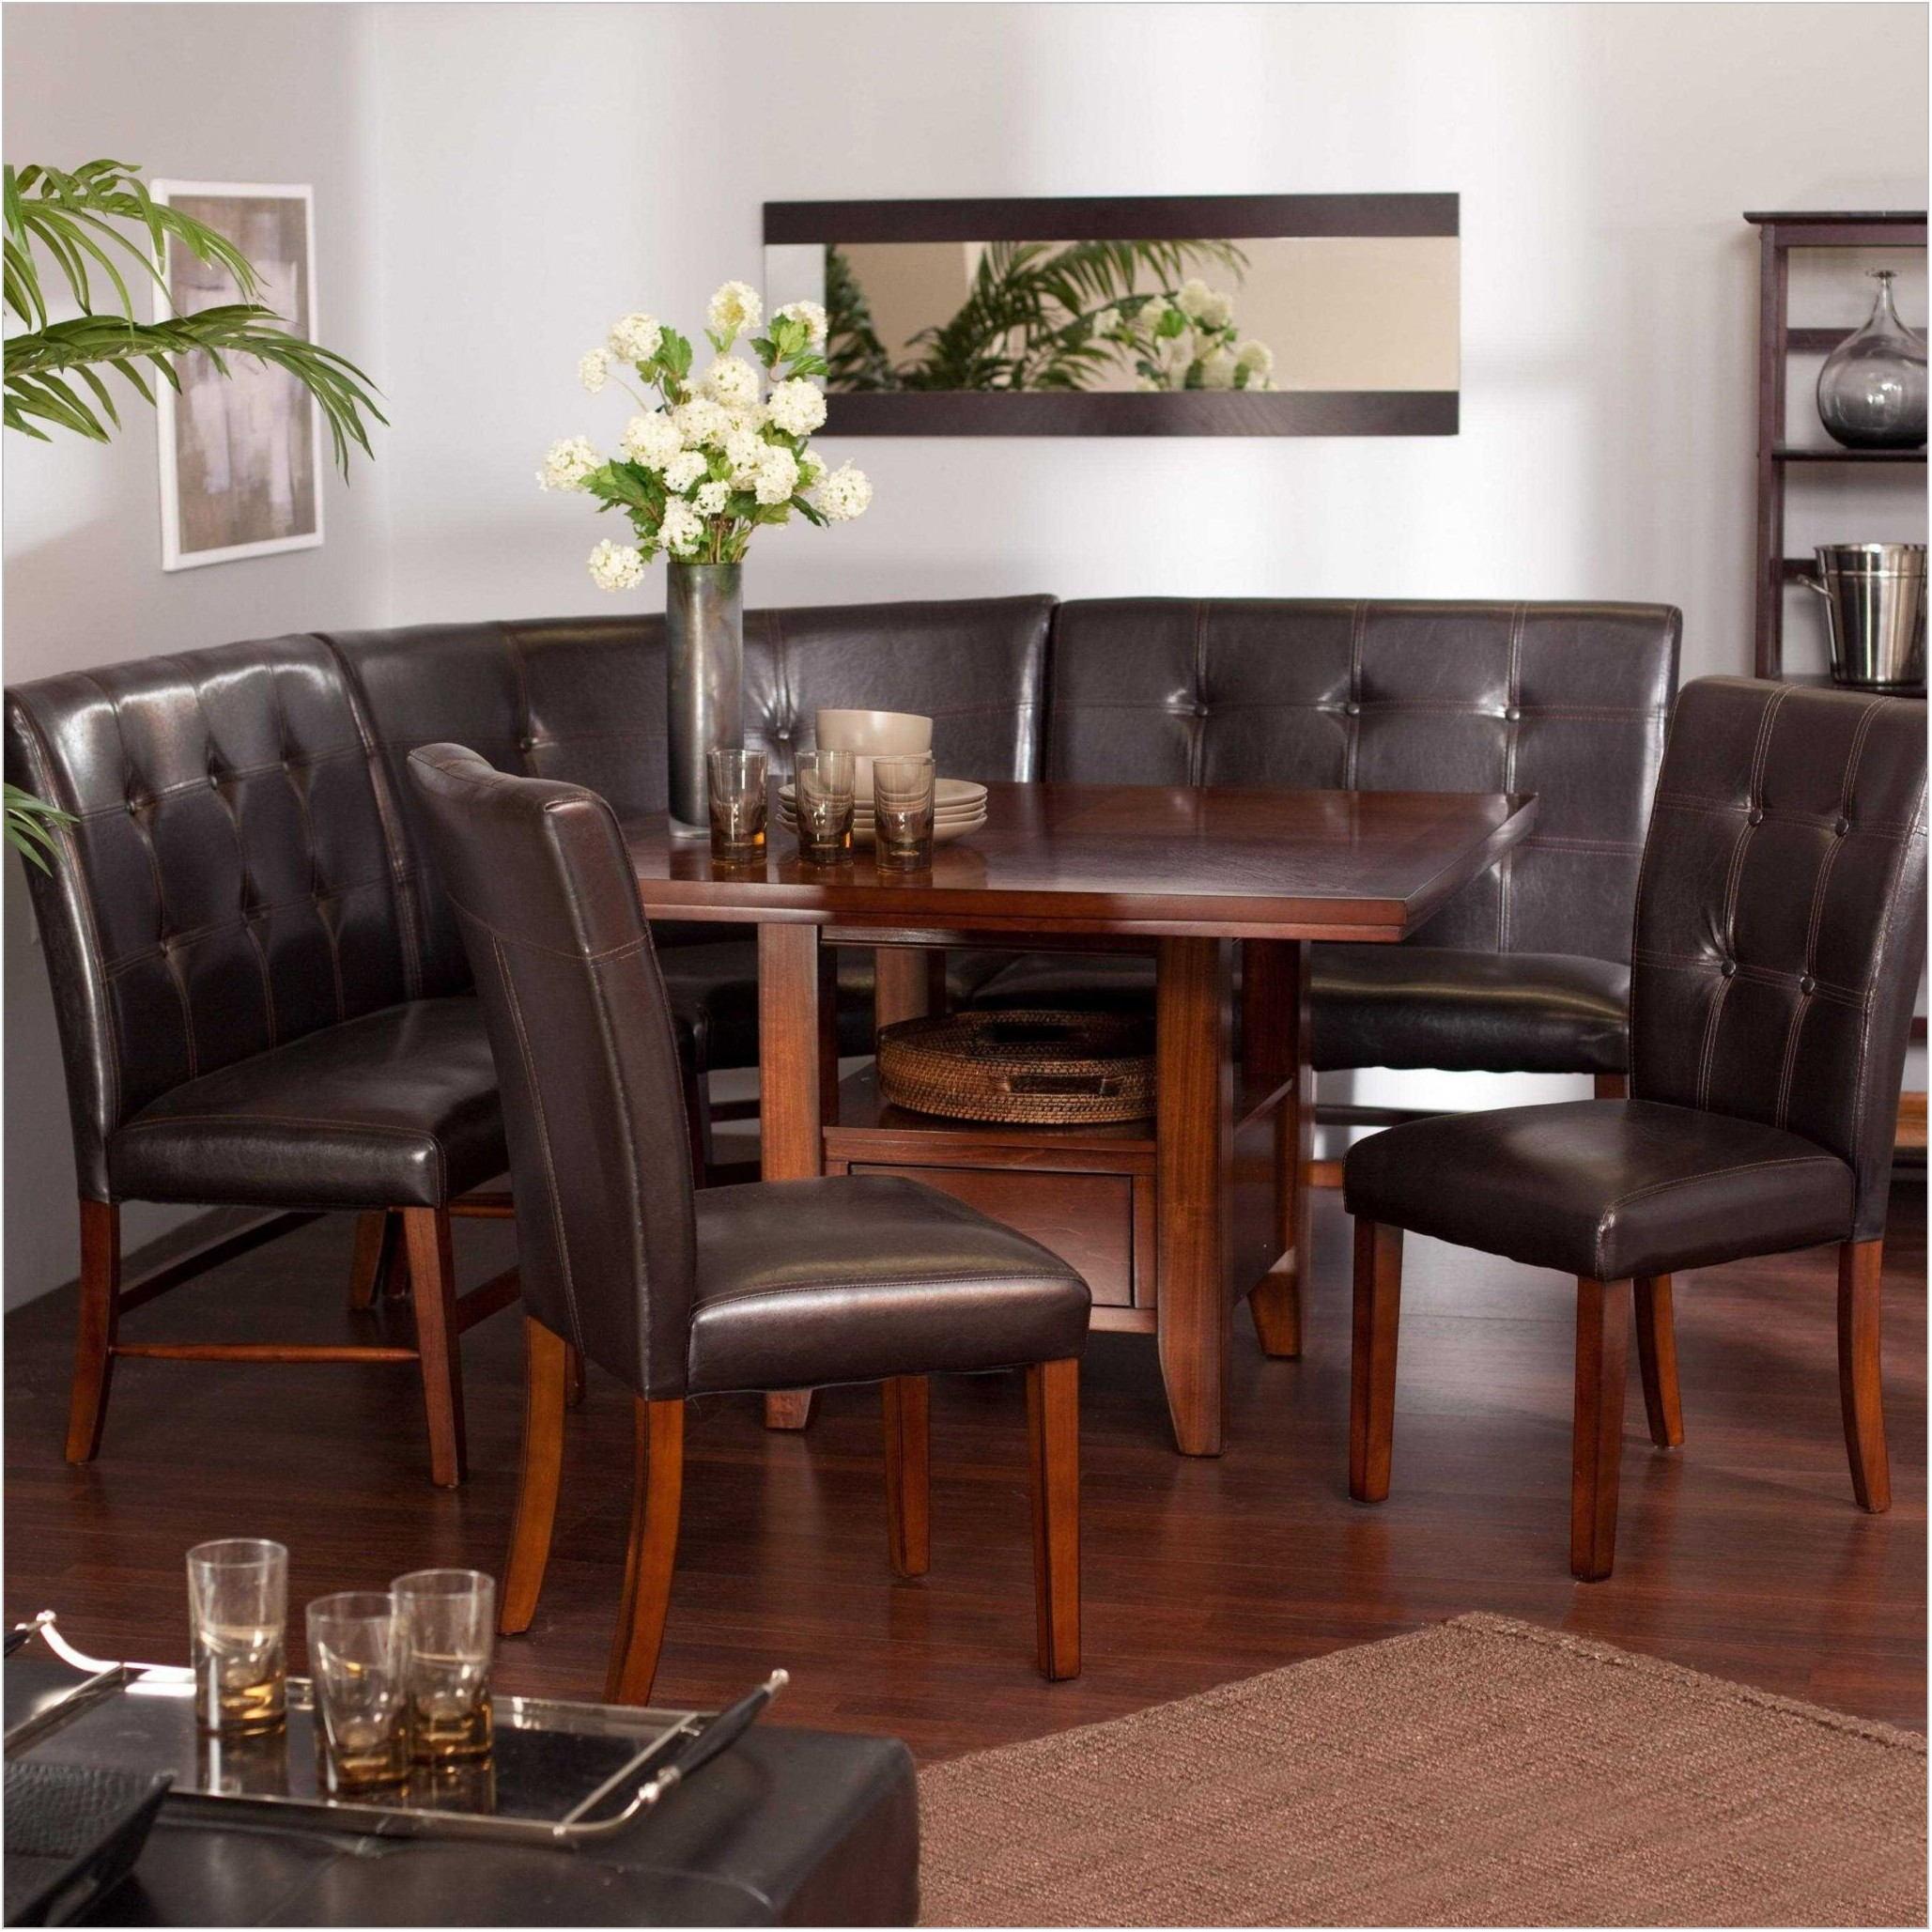 Menards Dining Room Table